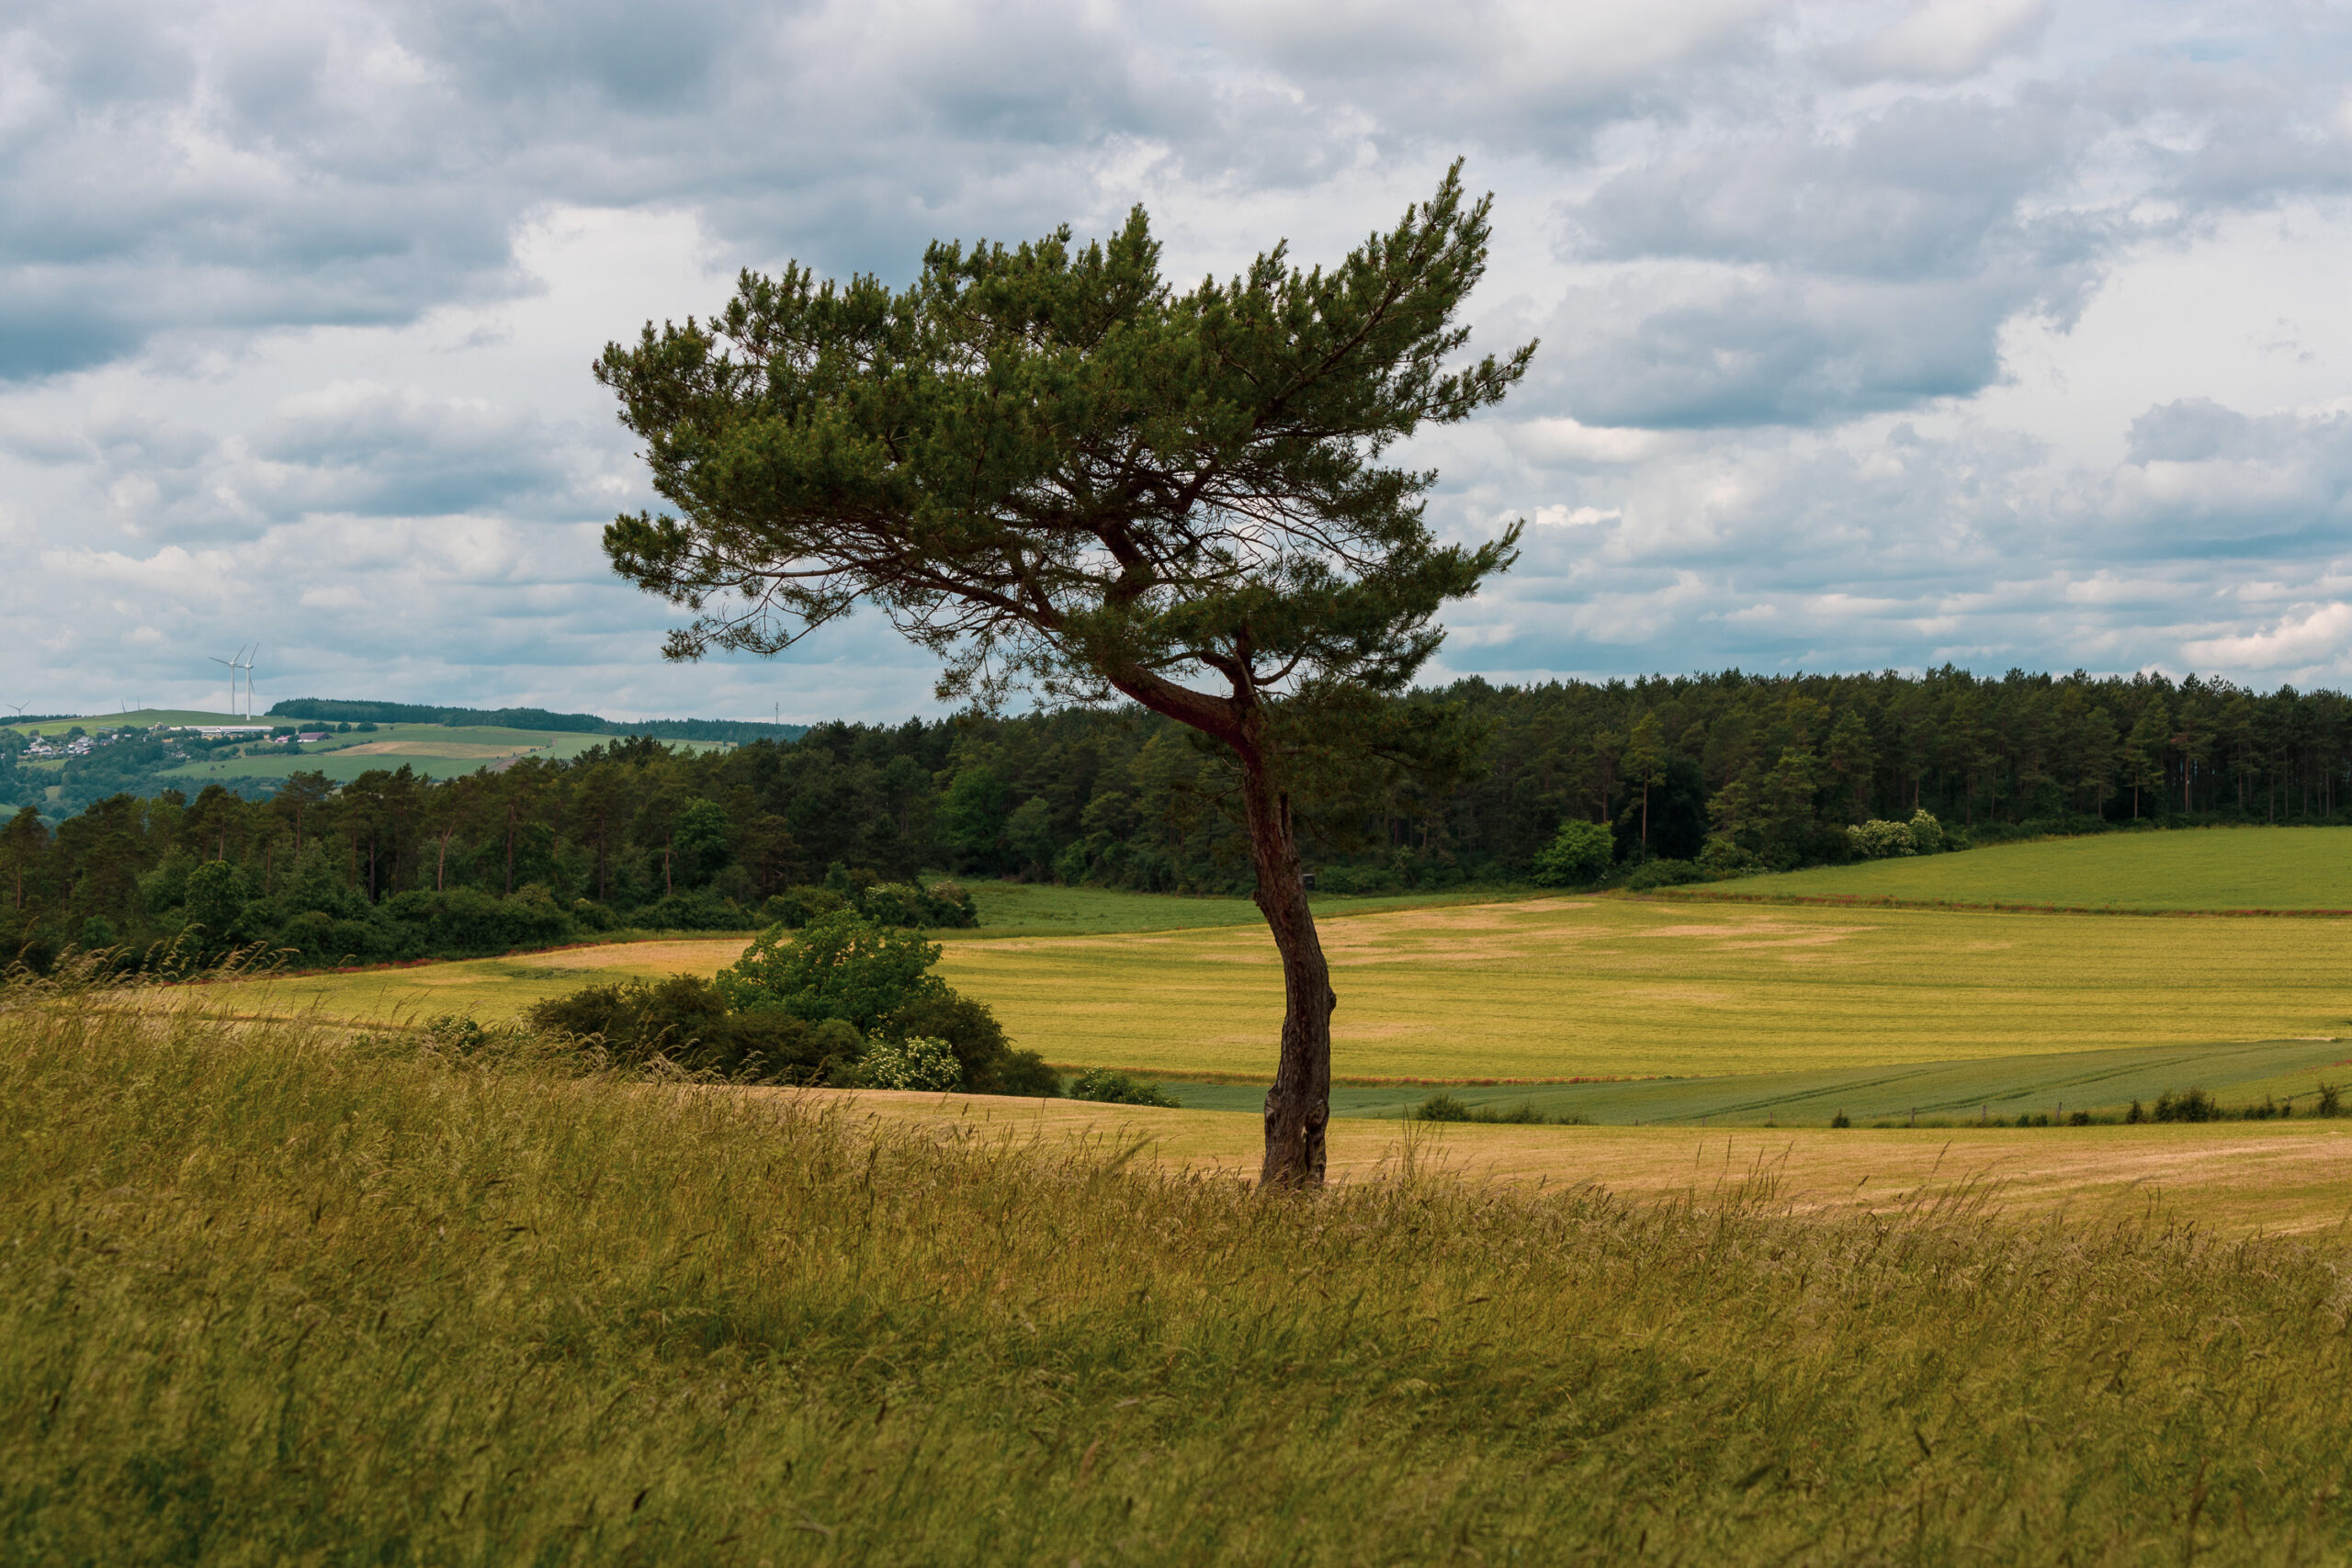 Ein etwas verweht aussehender einsamer Baum auf Wiese mit angrenzendem Feld. Weiter weg ist Wald und hügelige Landschaft zu erkennen.